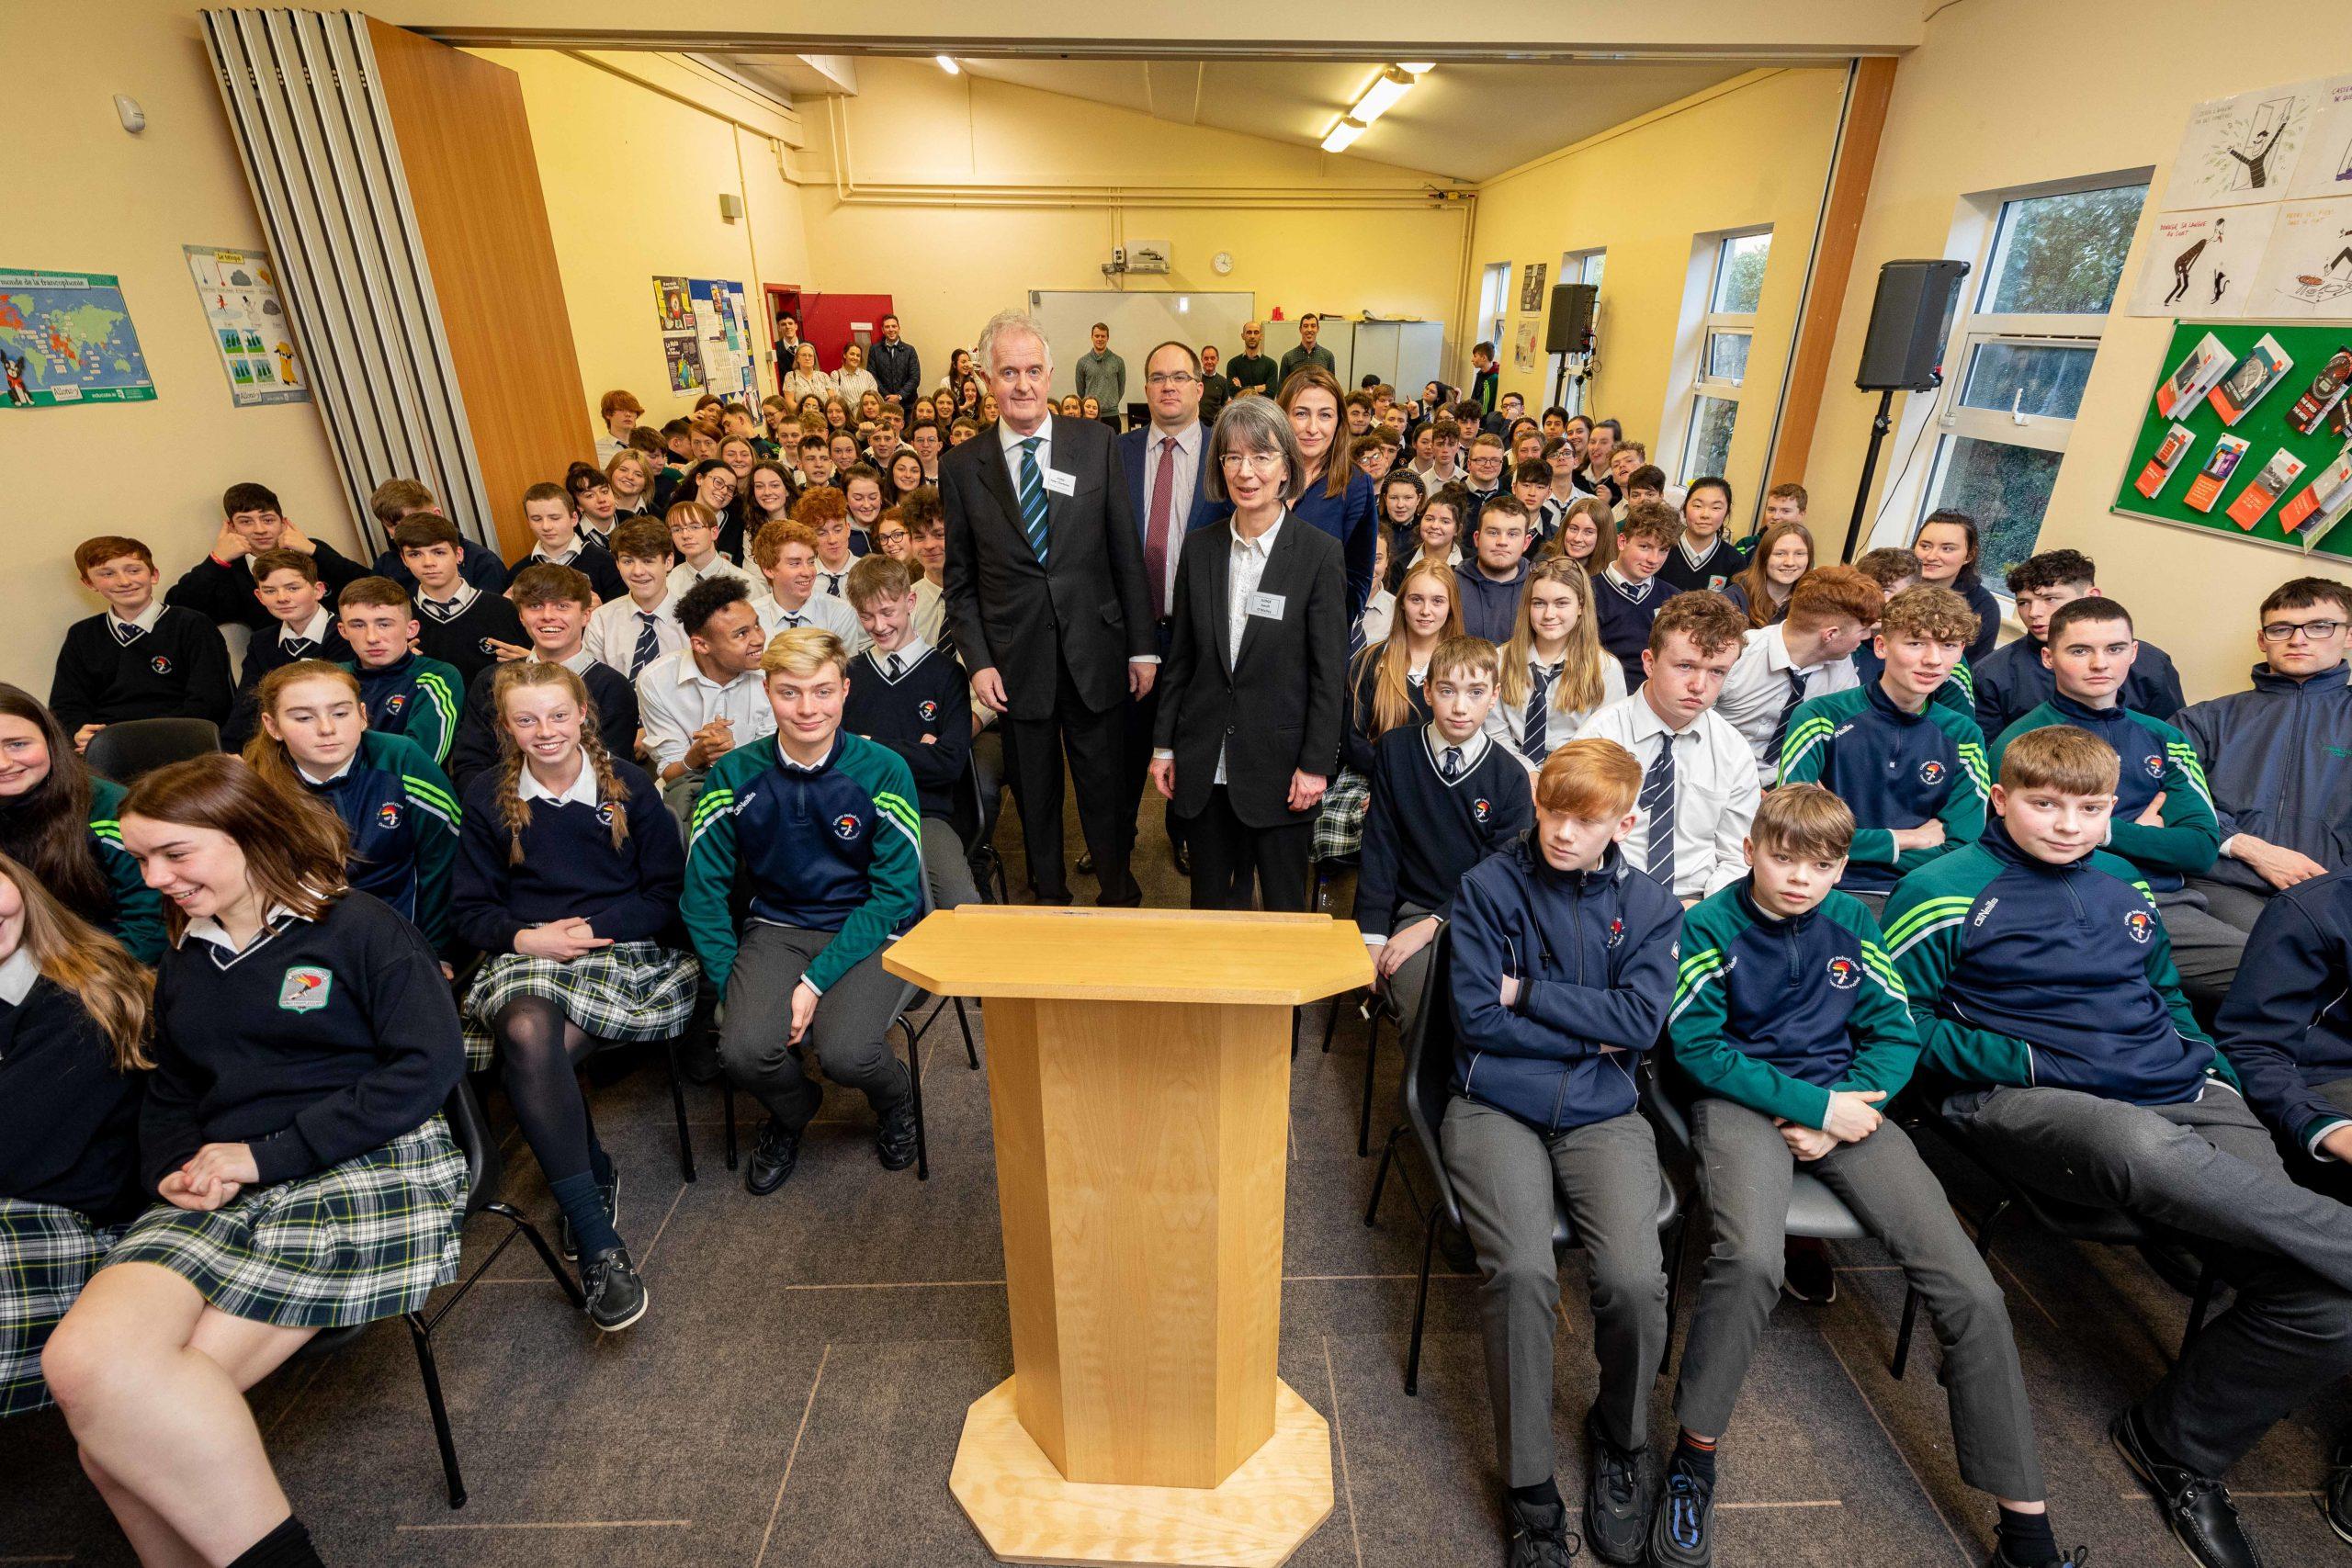 Supreme Court Visit to Coláiste Pobail Osraí – Cúirt ón gCúirt Uachtarach